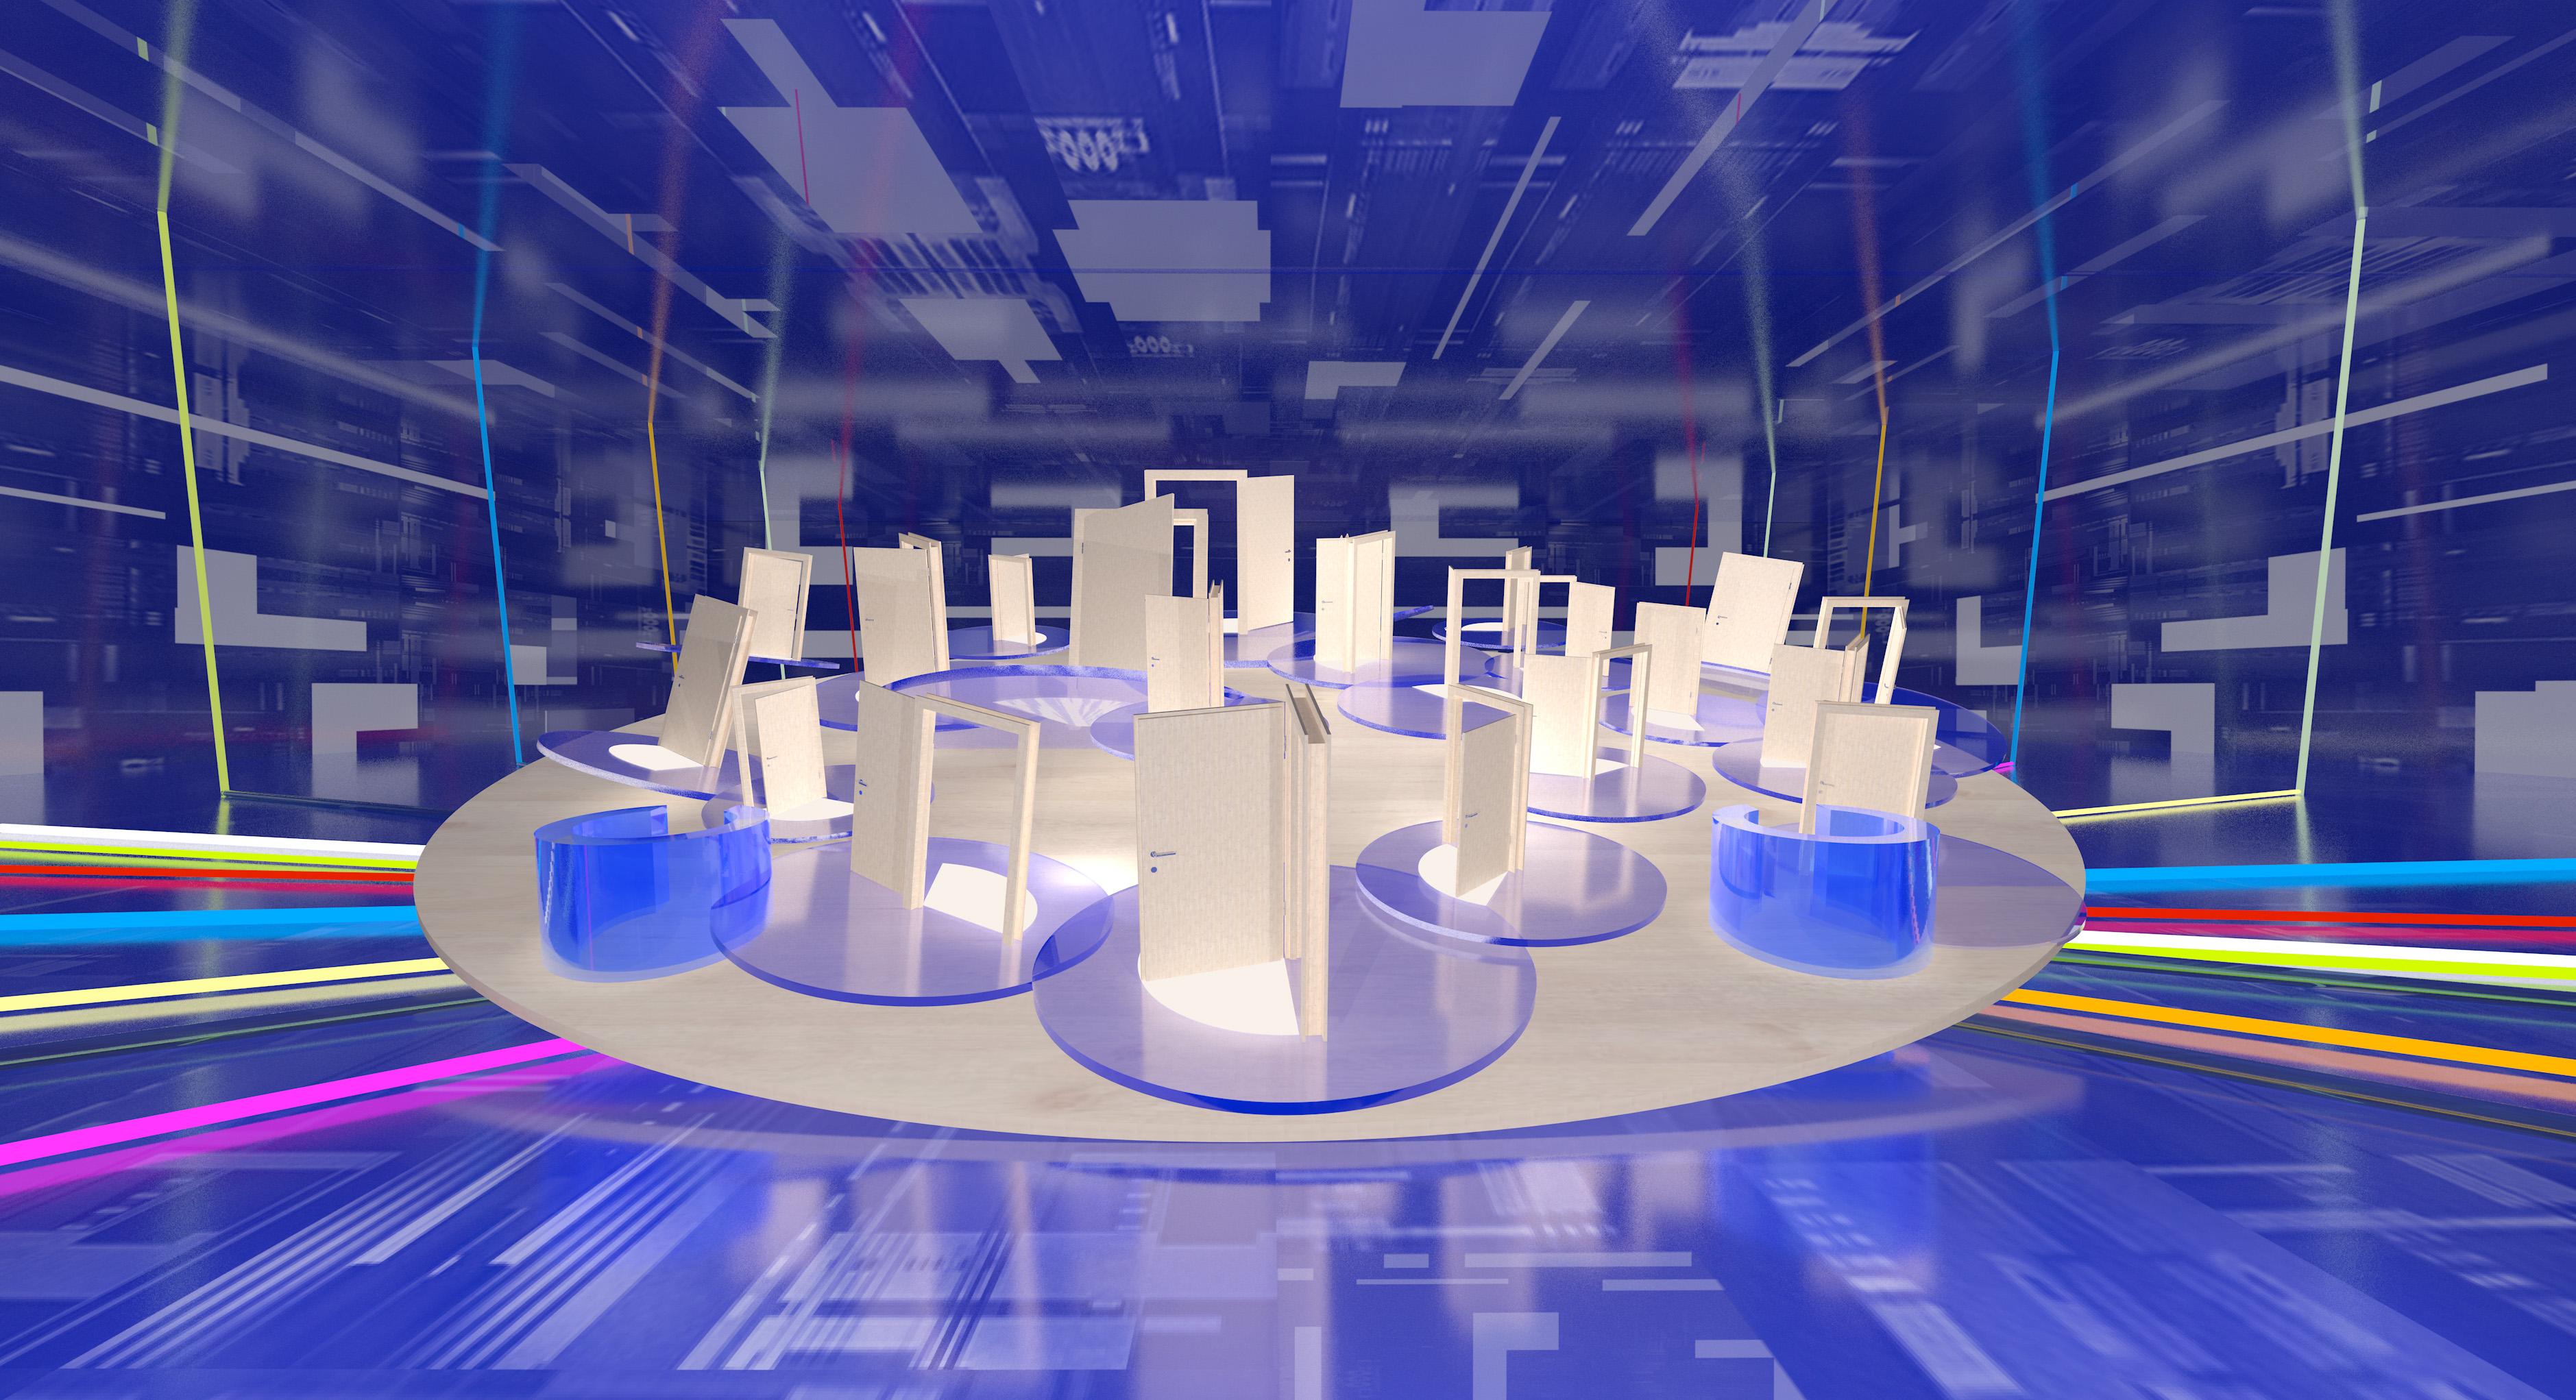 virtuelle Messestände virtual booth design Messestand trade fair booth Messe Ausstellung Shop Retail Kongress München design trade fair booth